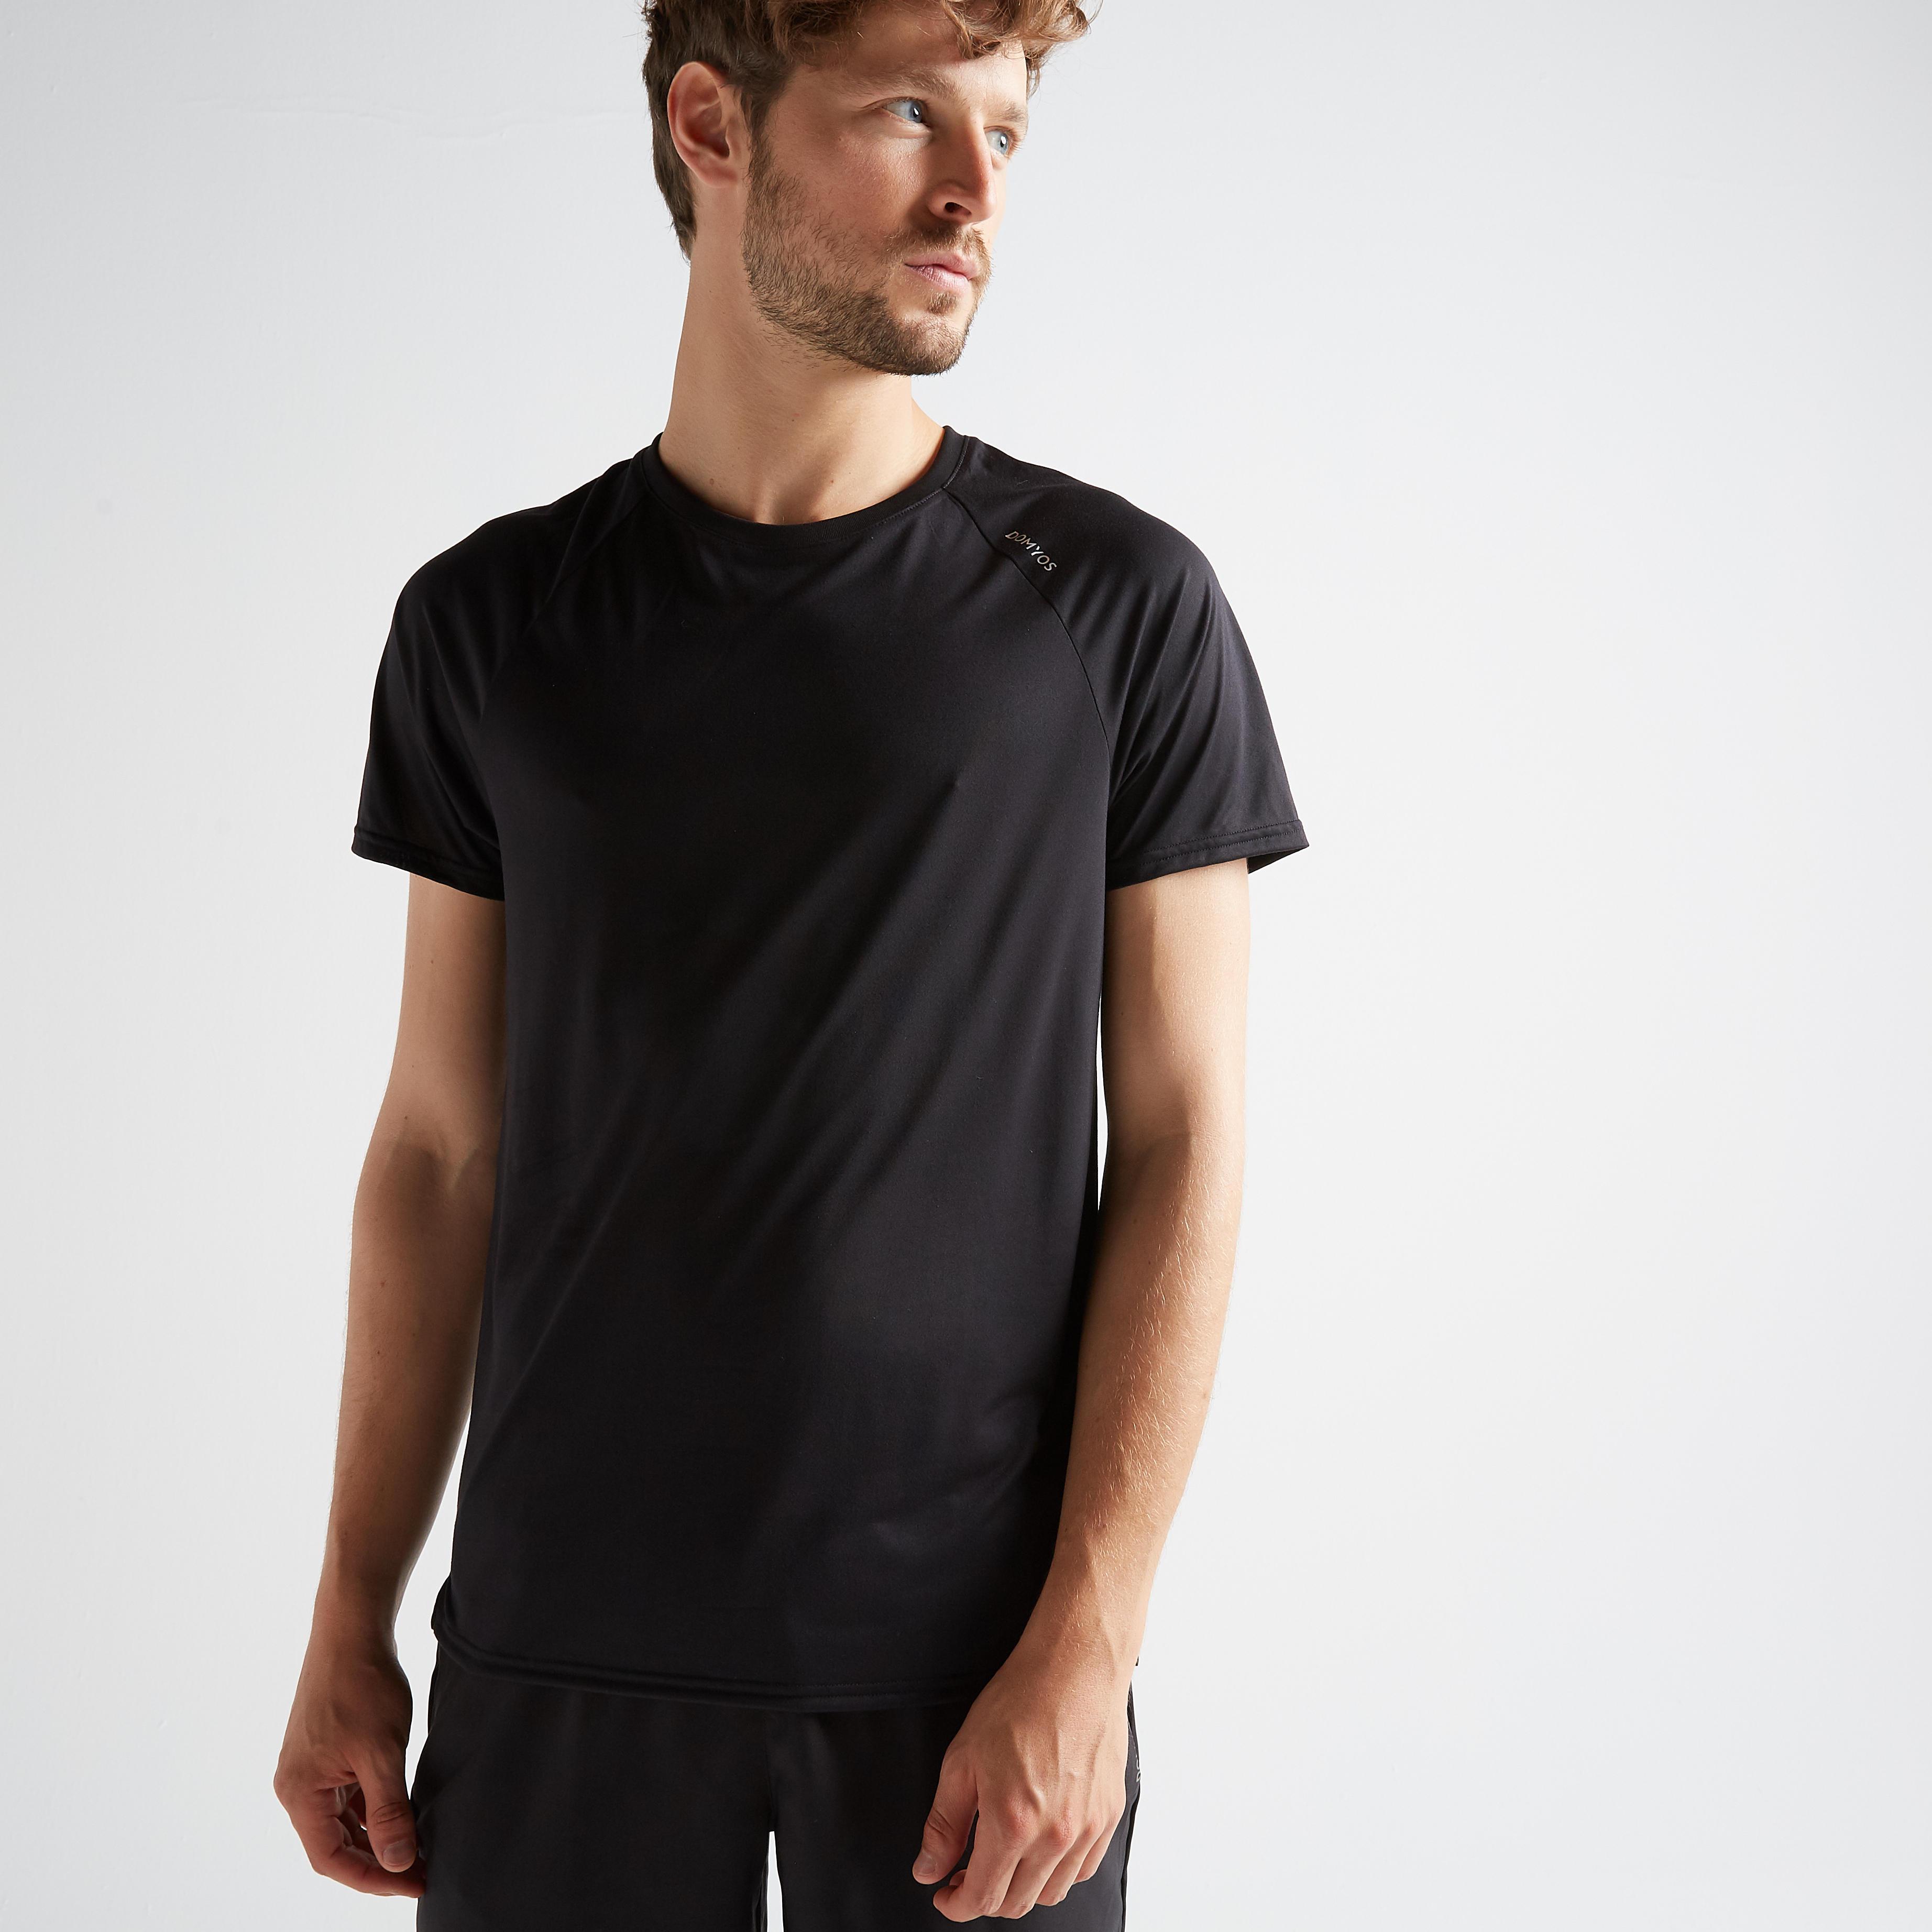 Camiseta hombre negra